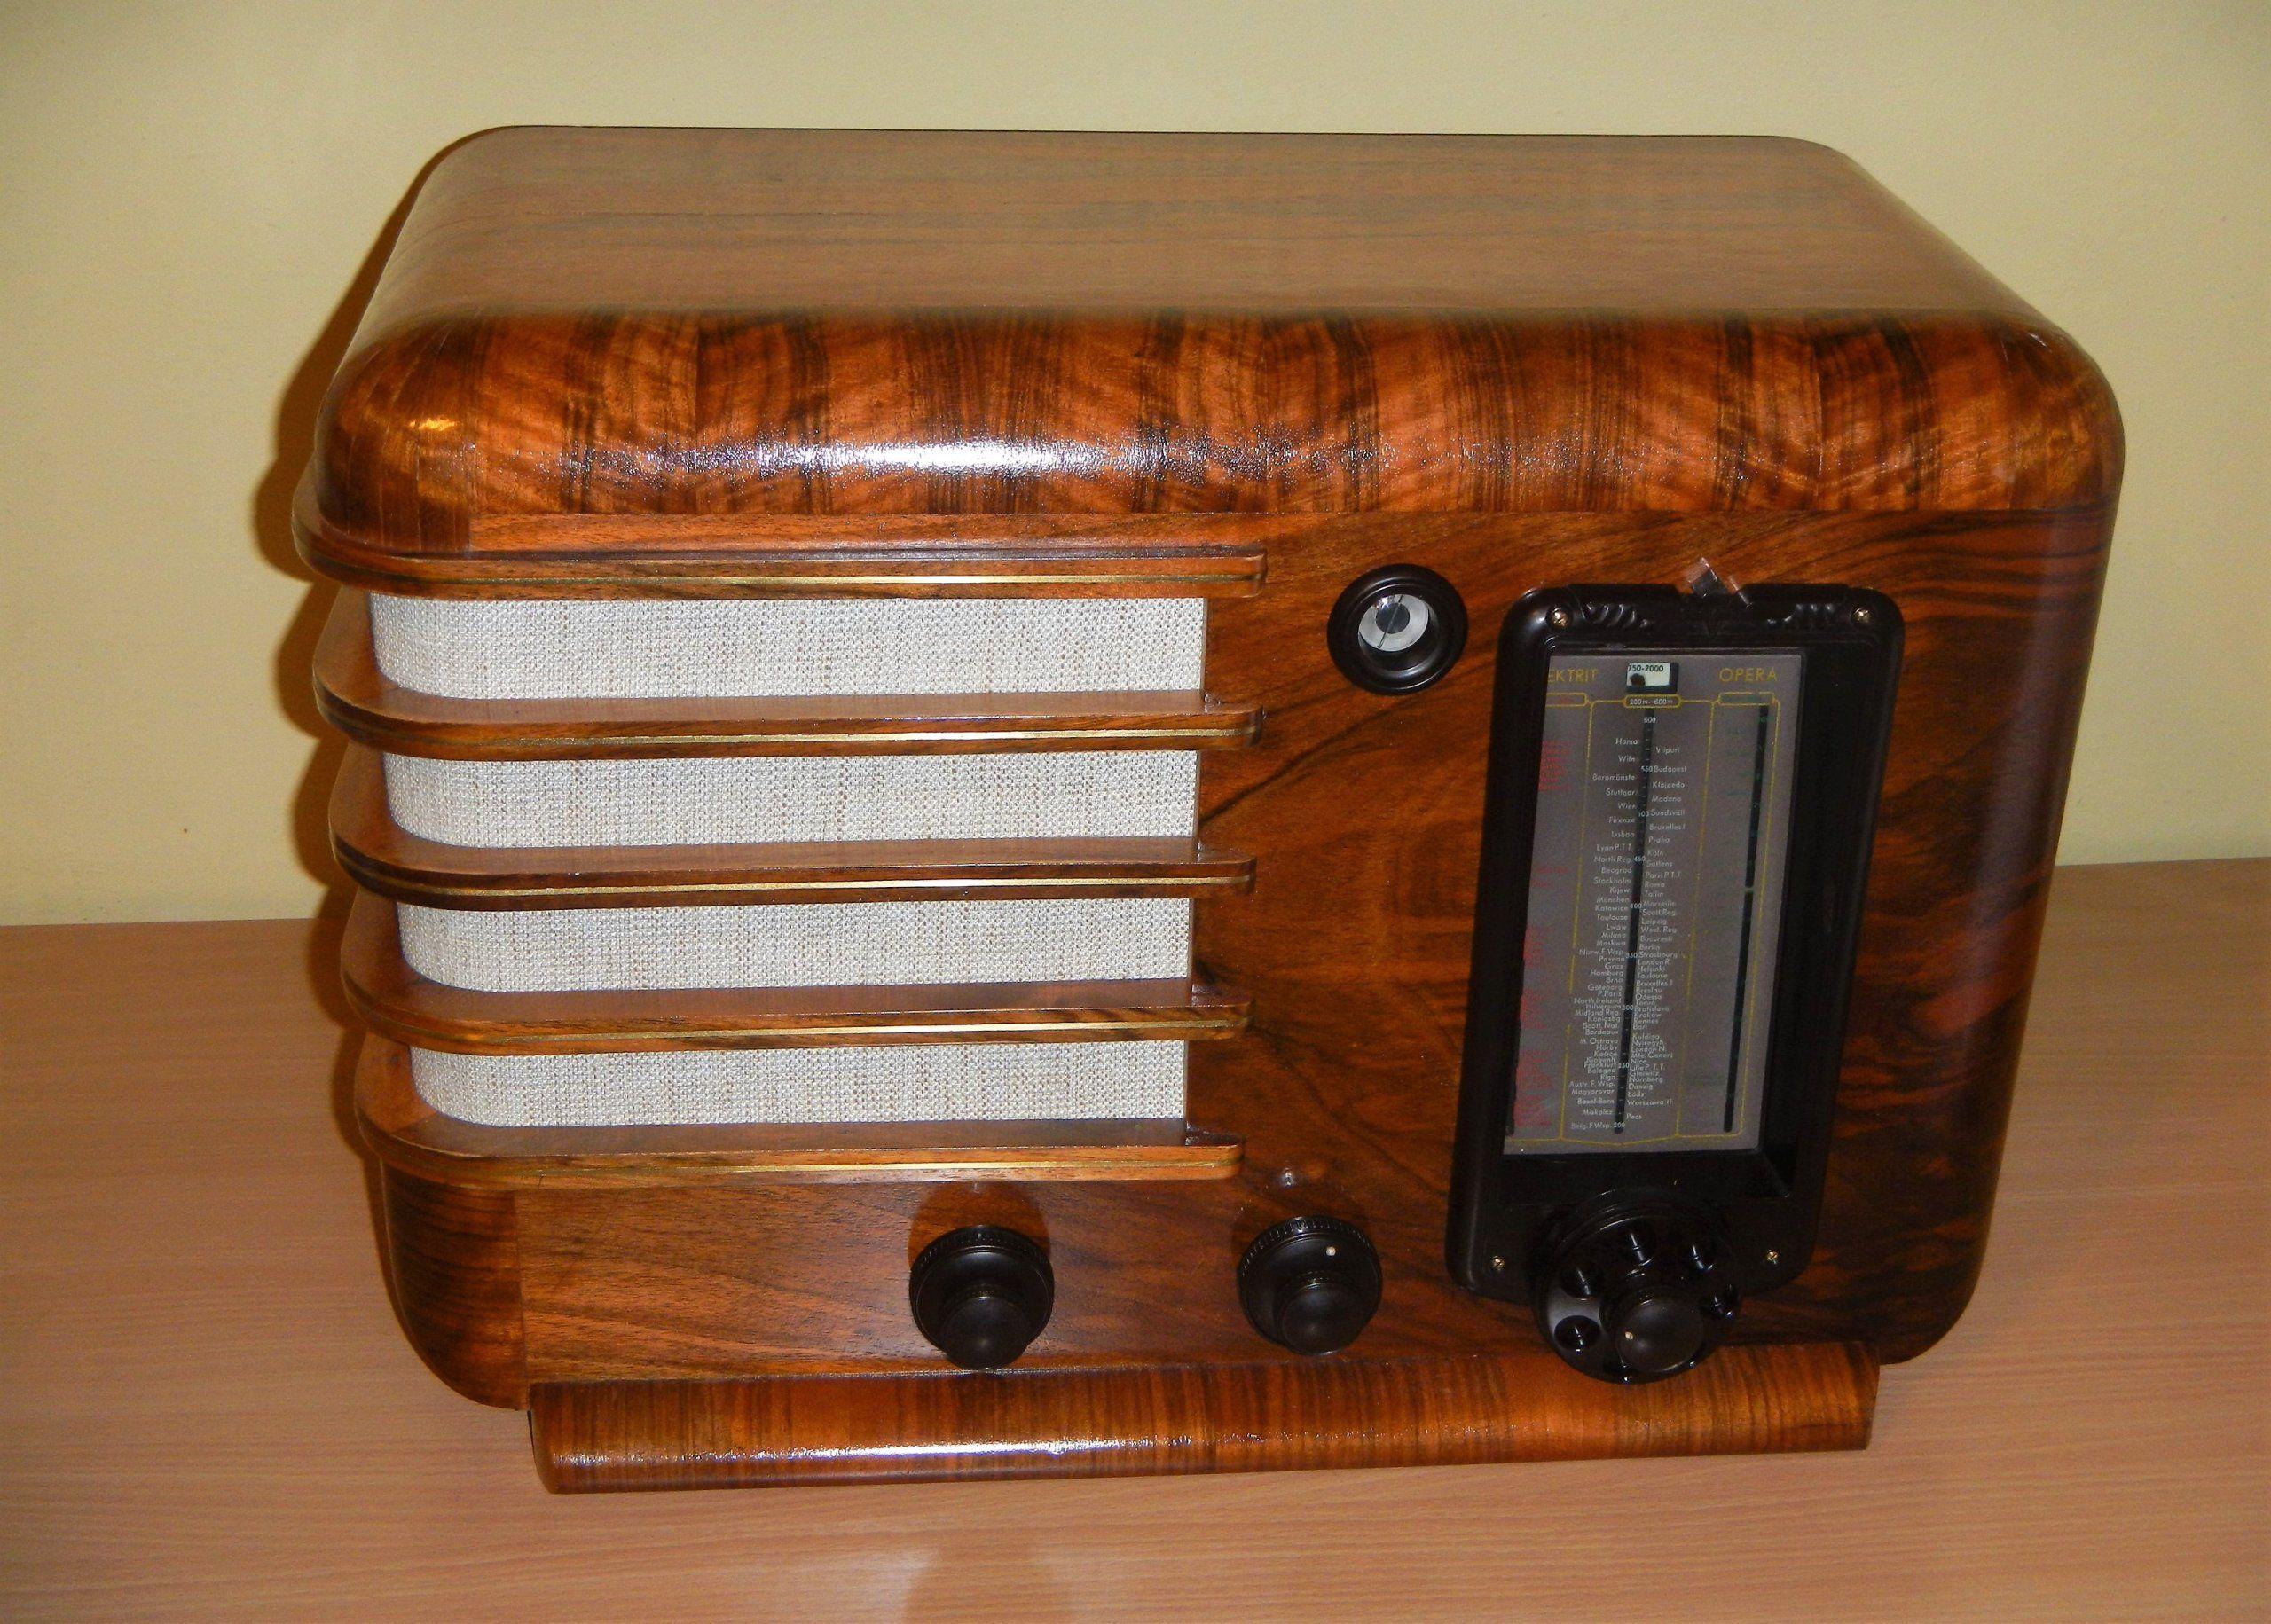 Luksusowe Przedwojenne Radio Elektrit Opera Z 6629983410 Oficjalne Archiwum Allegro Antique Radio Radio Timber Wood